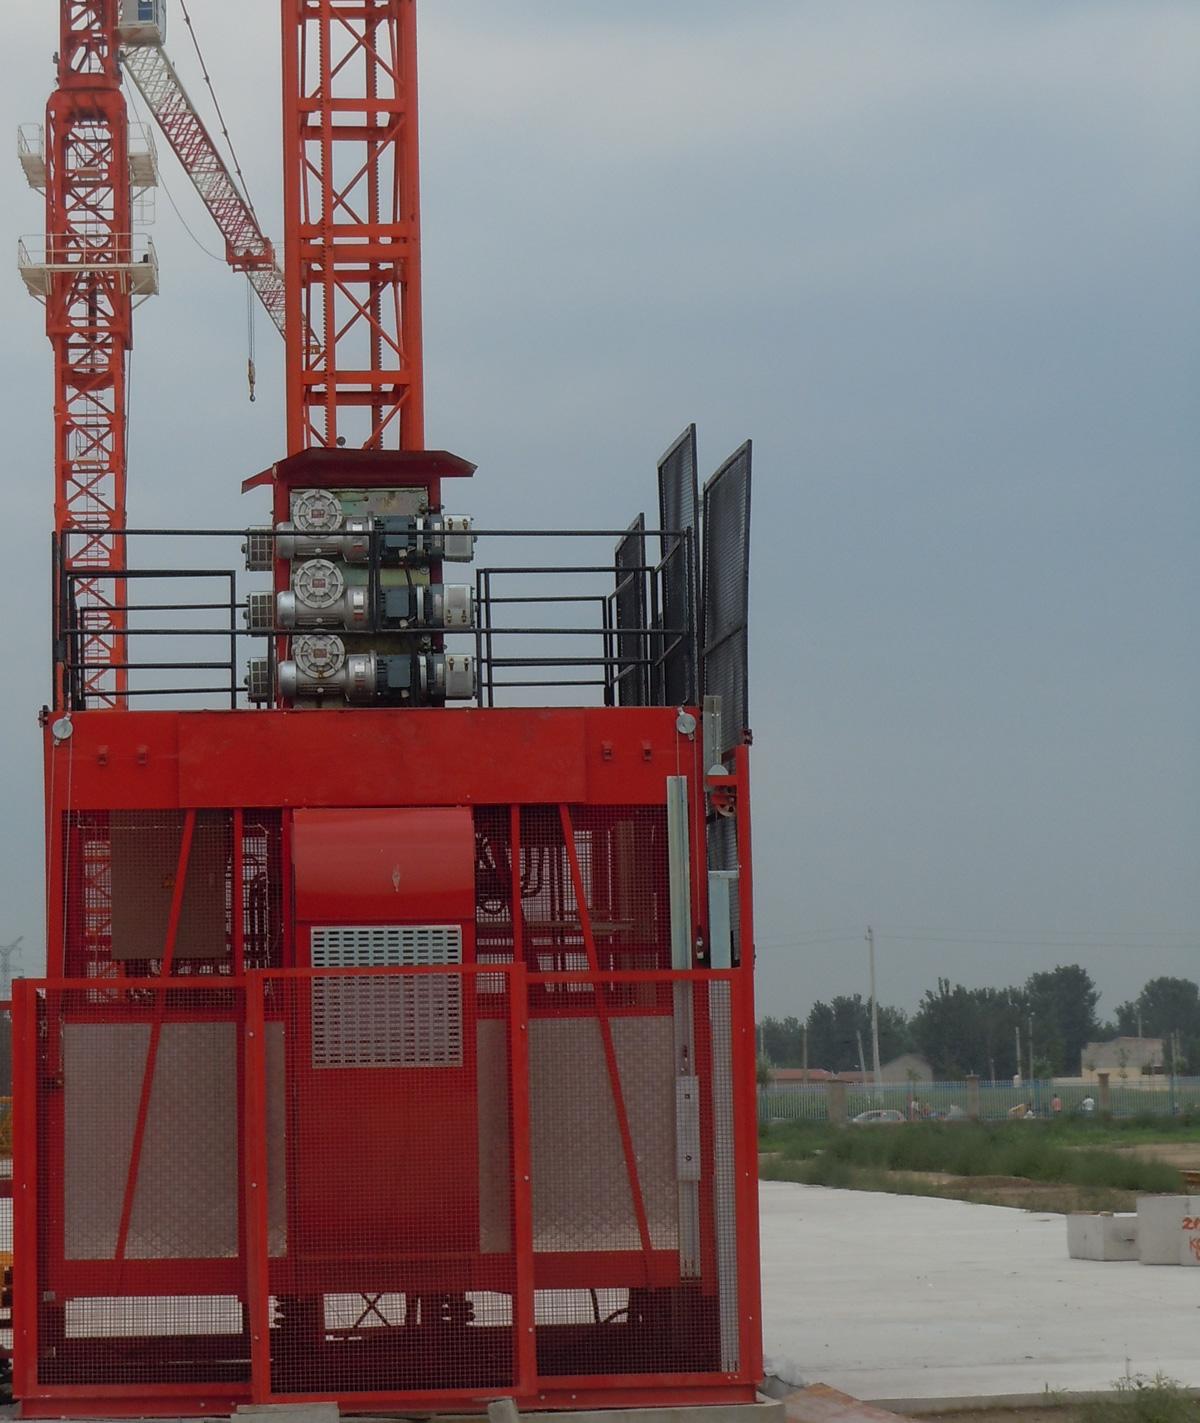 中建机械变频高速SC200/200施工升降机高清图 - 外观